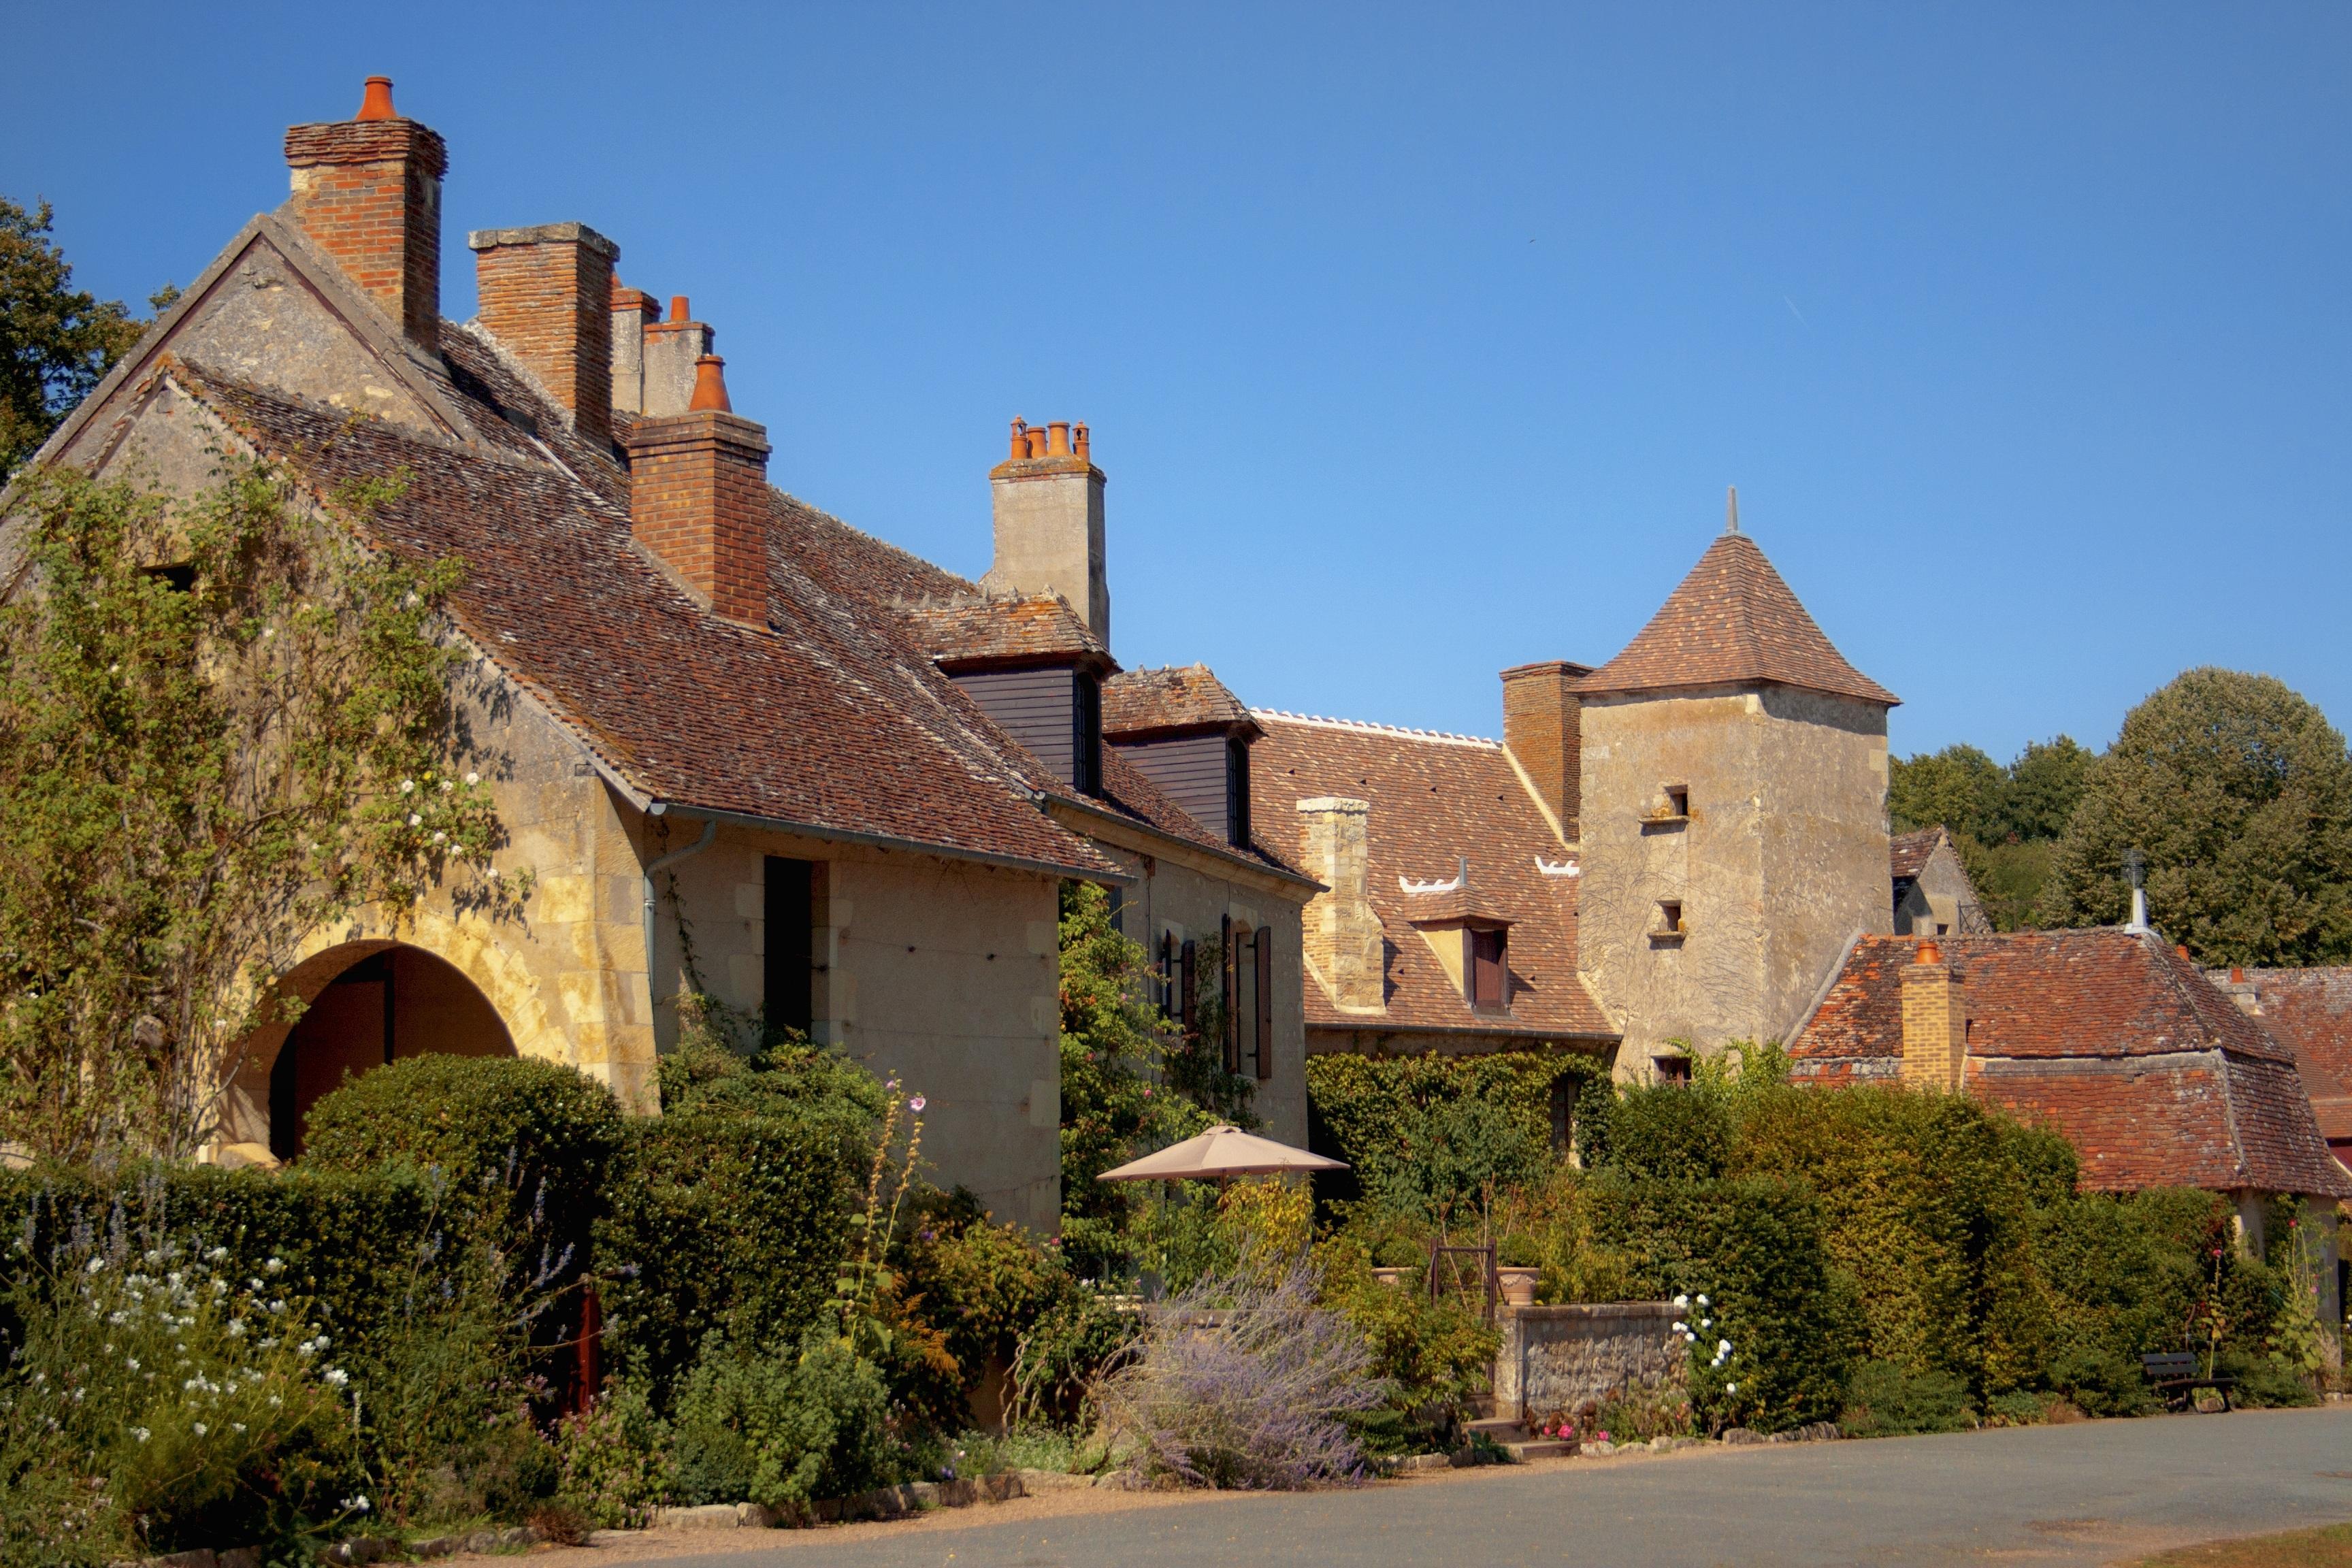 Free Images villa house chateau france cottage castle